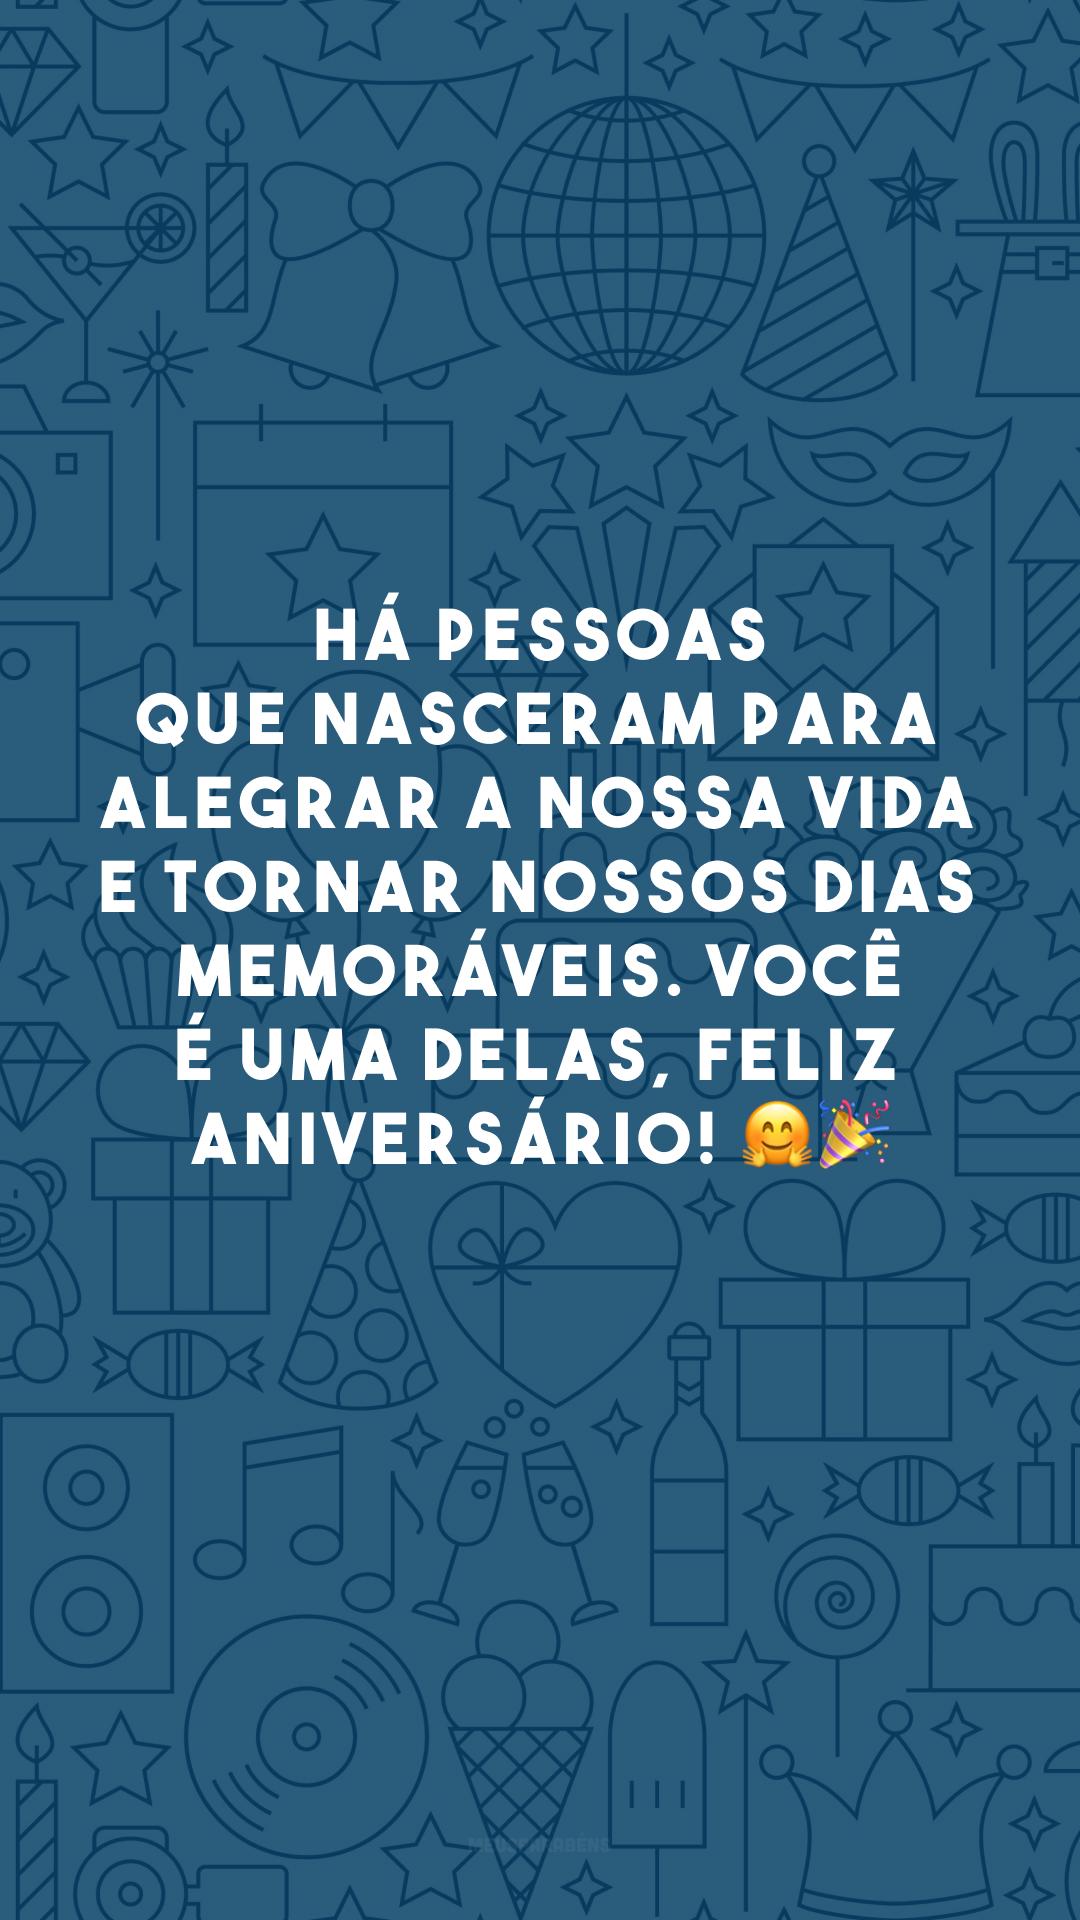 Há pessoas que nasceram para alegrar a nossa vida e tornar nossos dias memoráveis. Você é uma delas, feliz aniversário! 🤗🎉